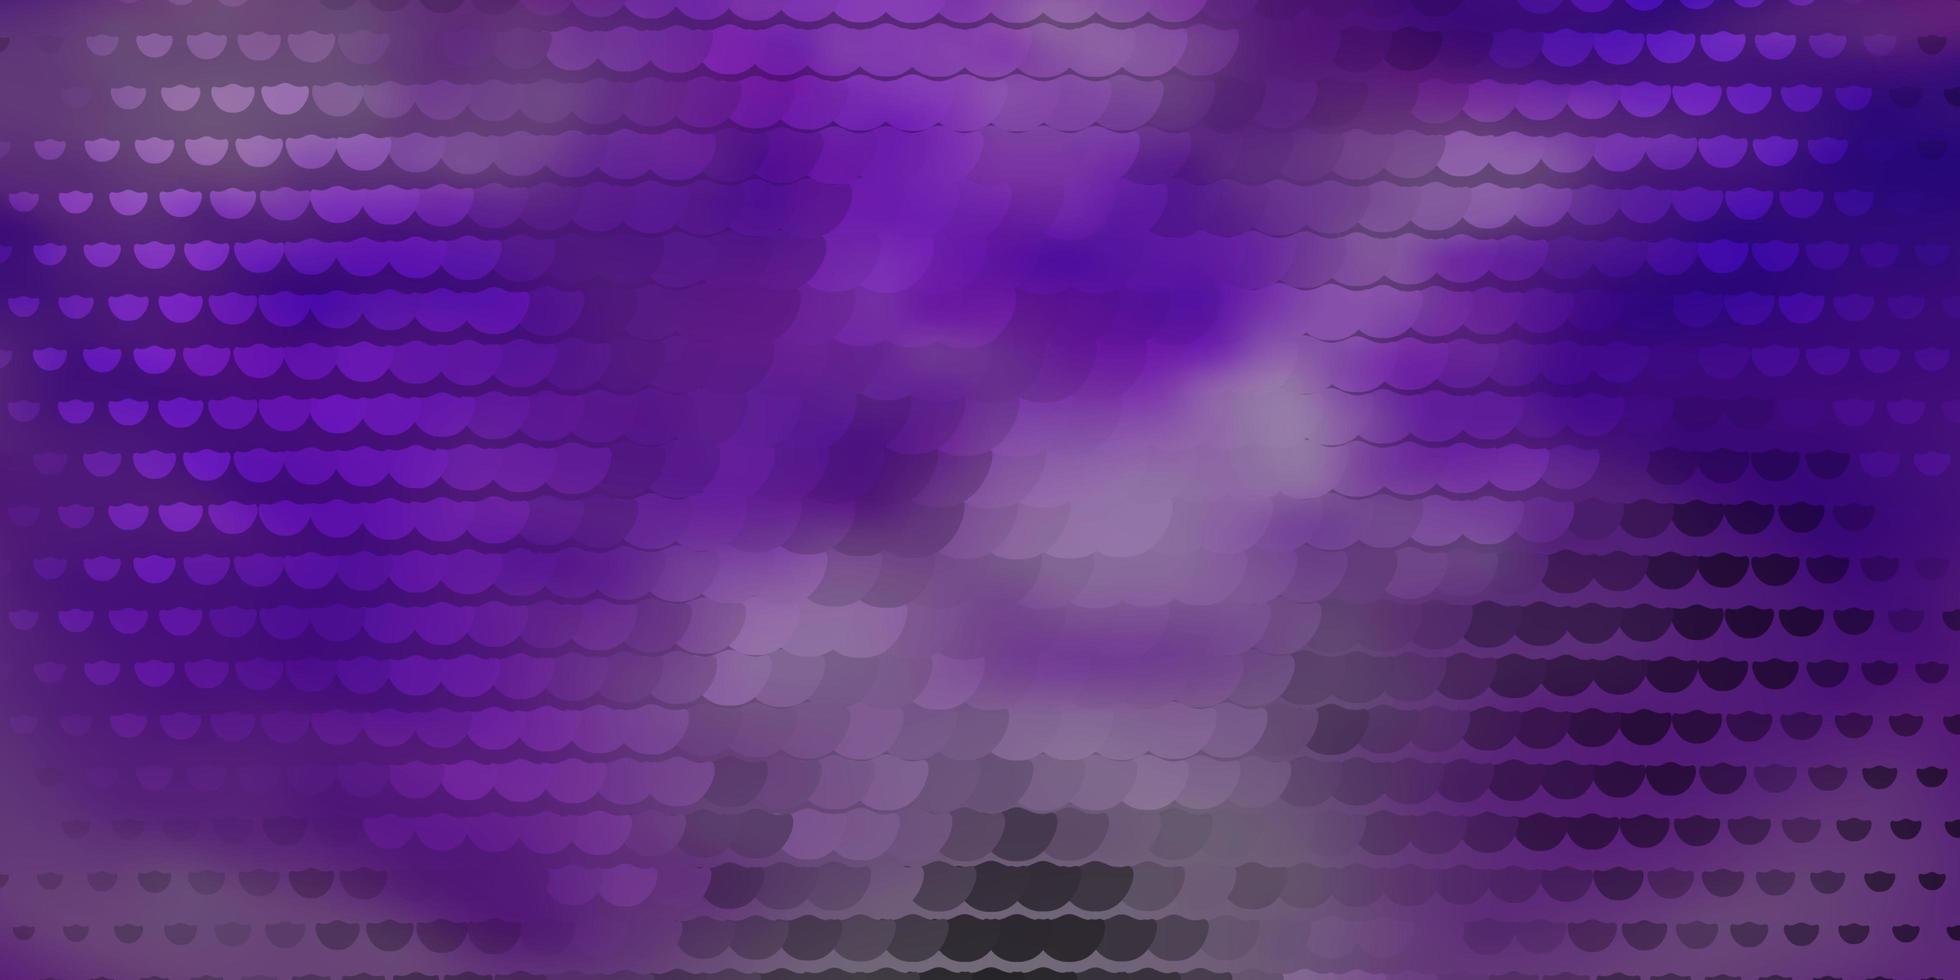 sfondo vettoriale viola scuro con cerchi.